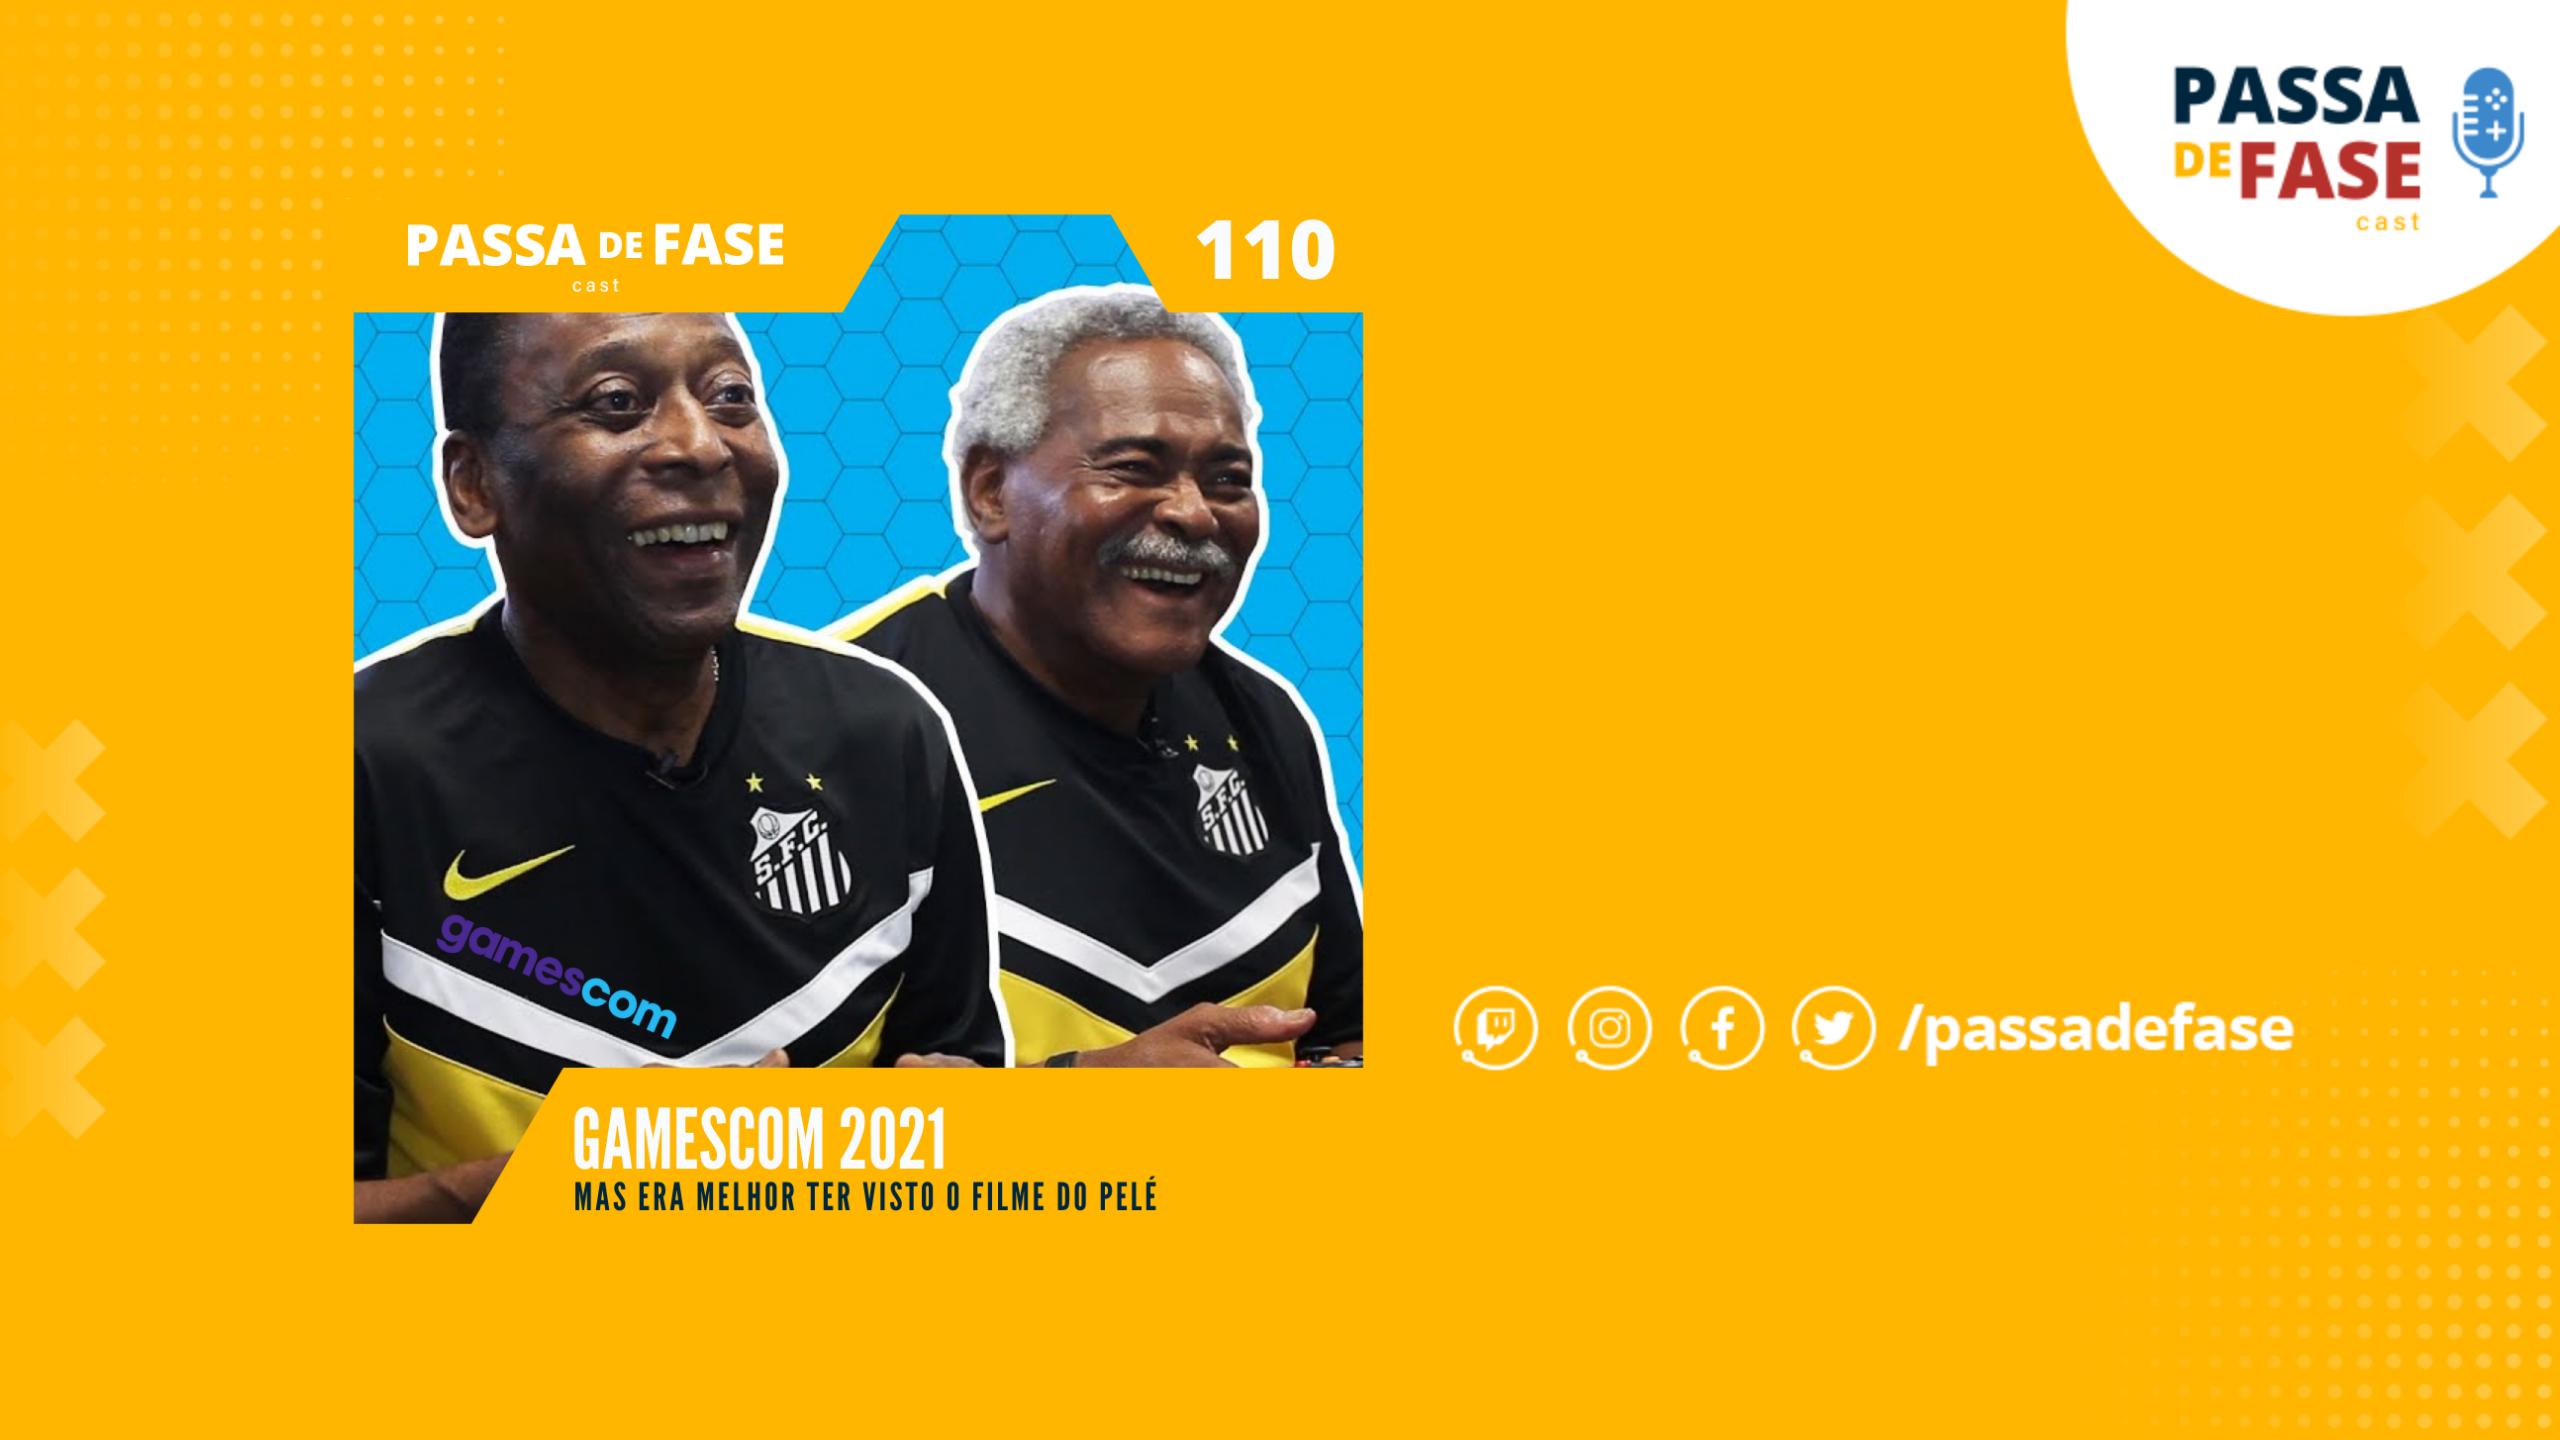 Gamescom 2021… mas era melhor ter visto o filme do Pelé   E110